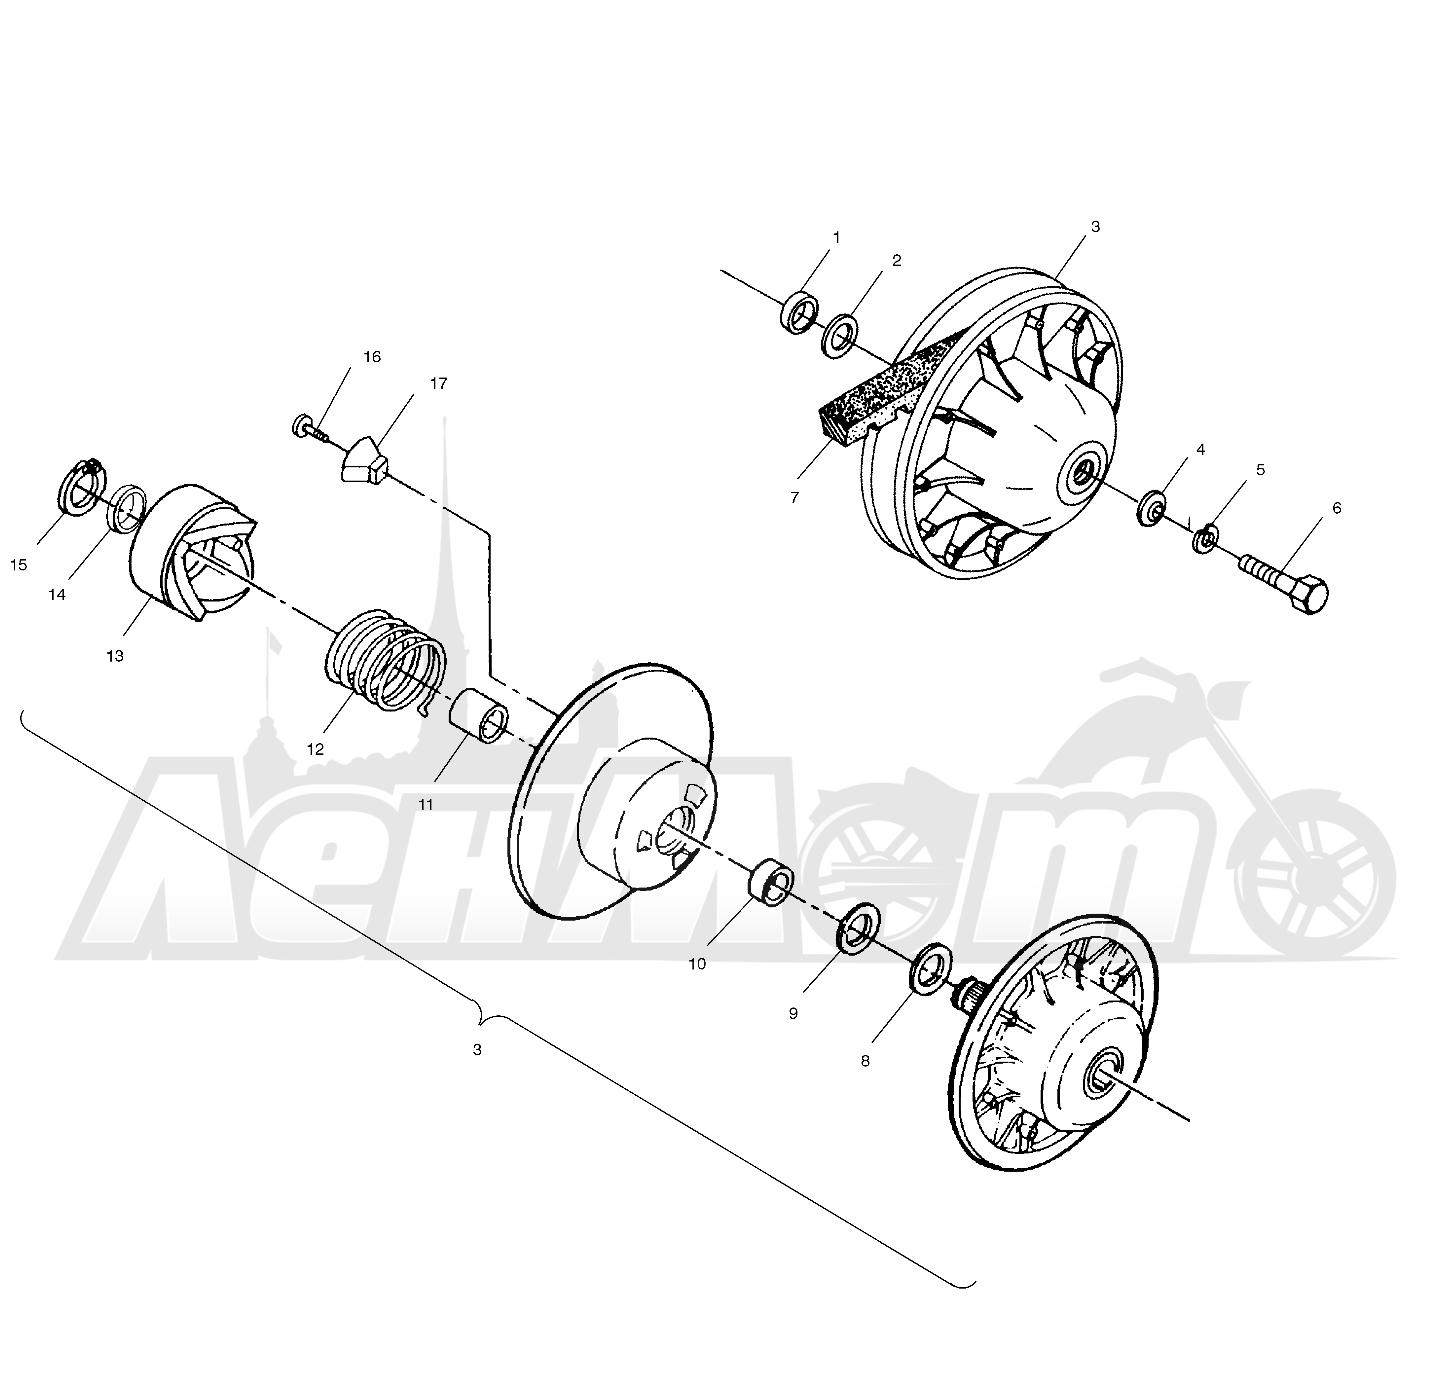 Запчасти для Квадроцикла Polaris 1997 SPORTSMAN 500 - W97CH50A Раздел: DRIVEN CLUTCH - W97CH50A   ведомый вариатор W97CH50A